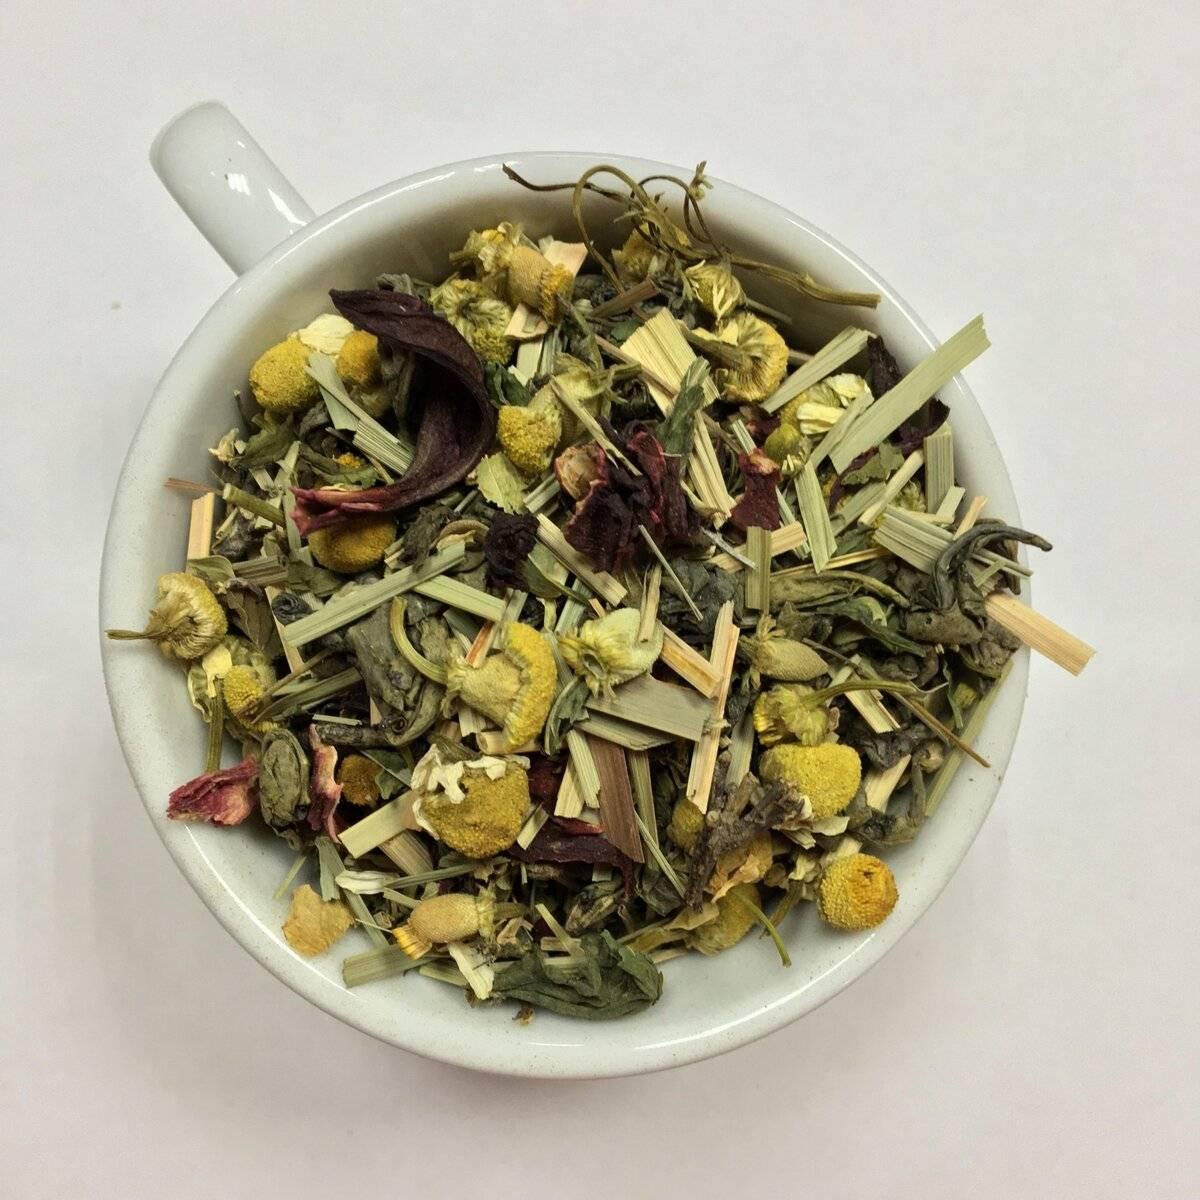 Монастырский чай от алкоголизма: как принимать и его эффективность